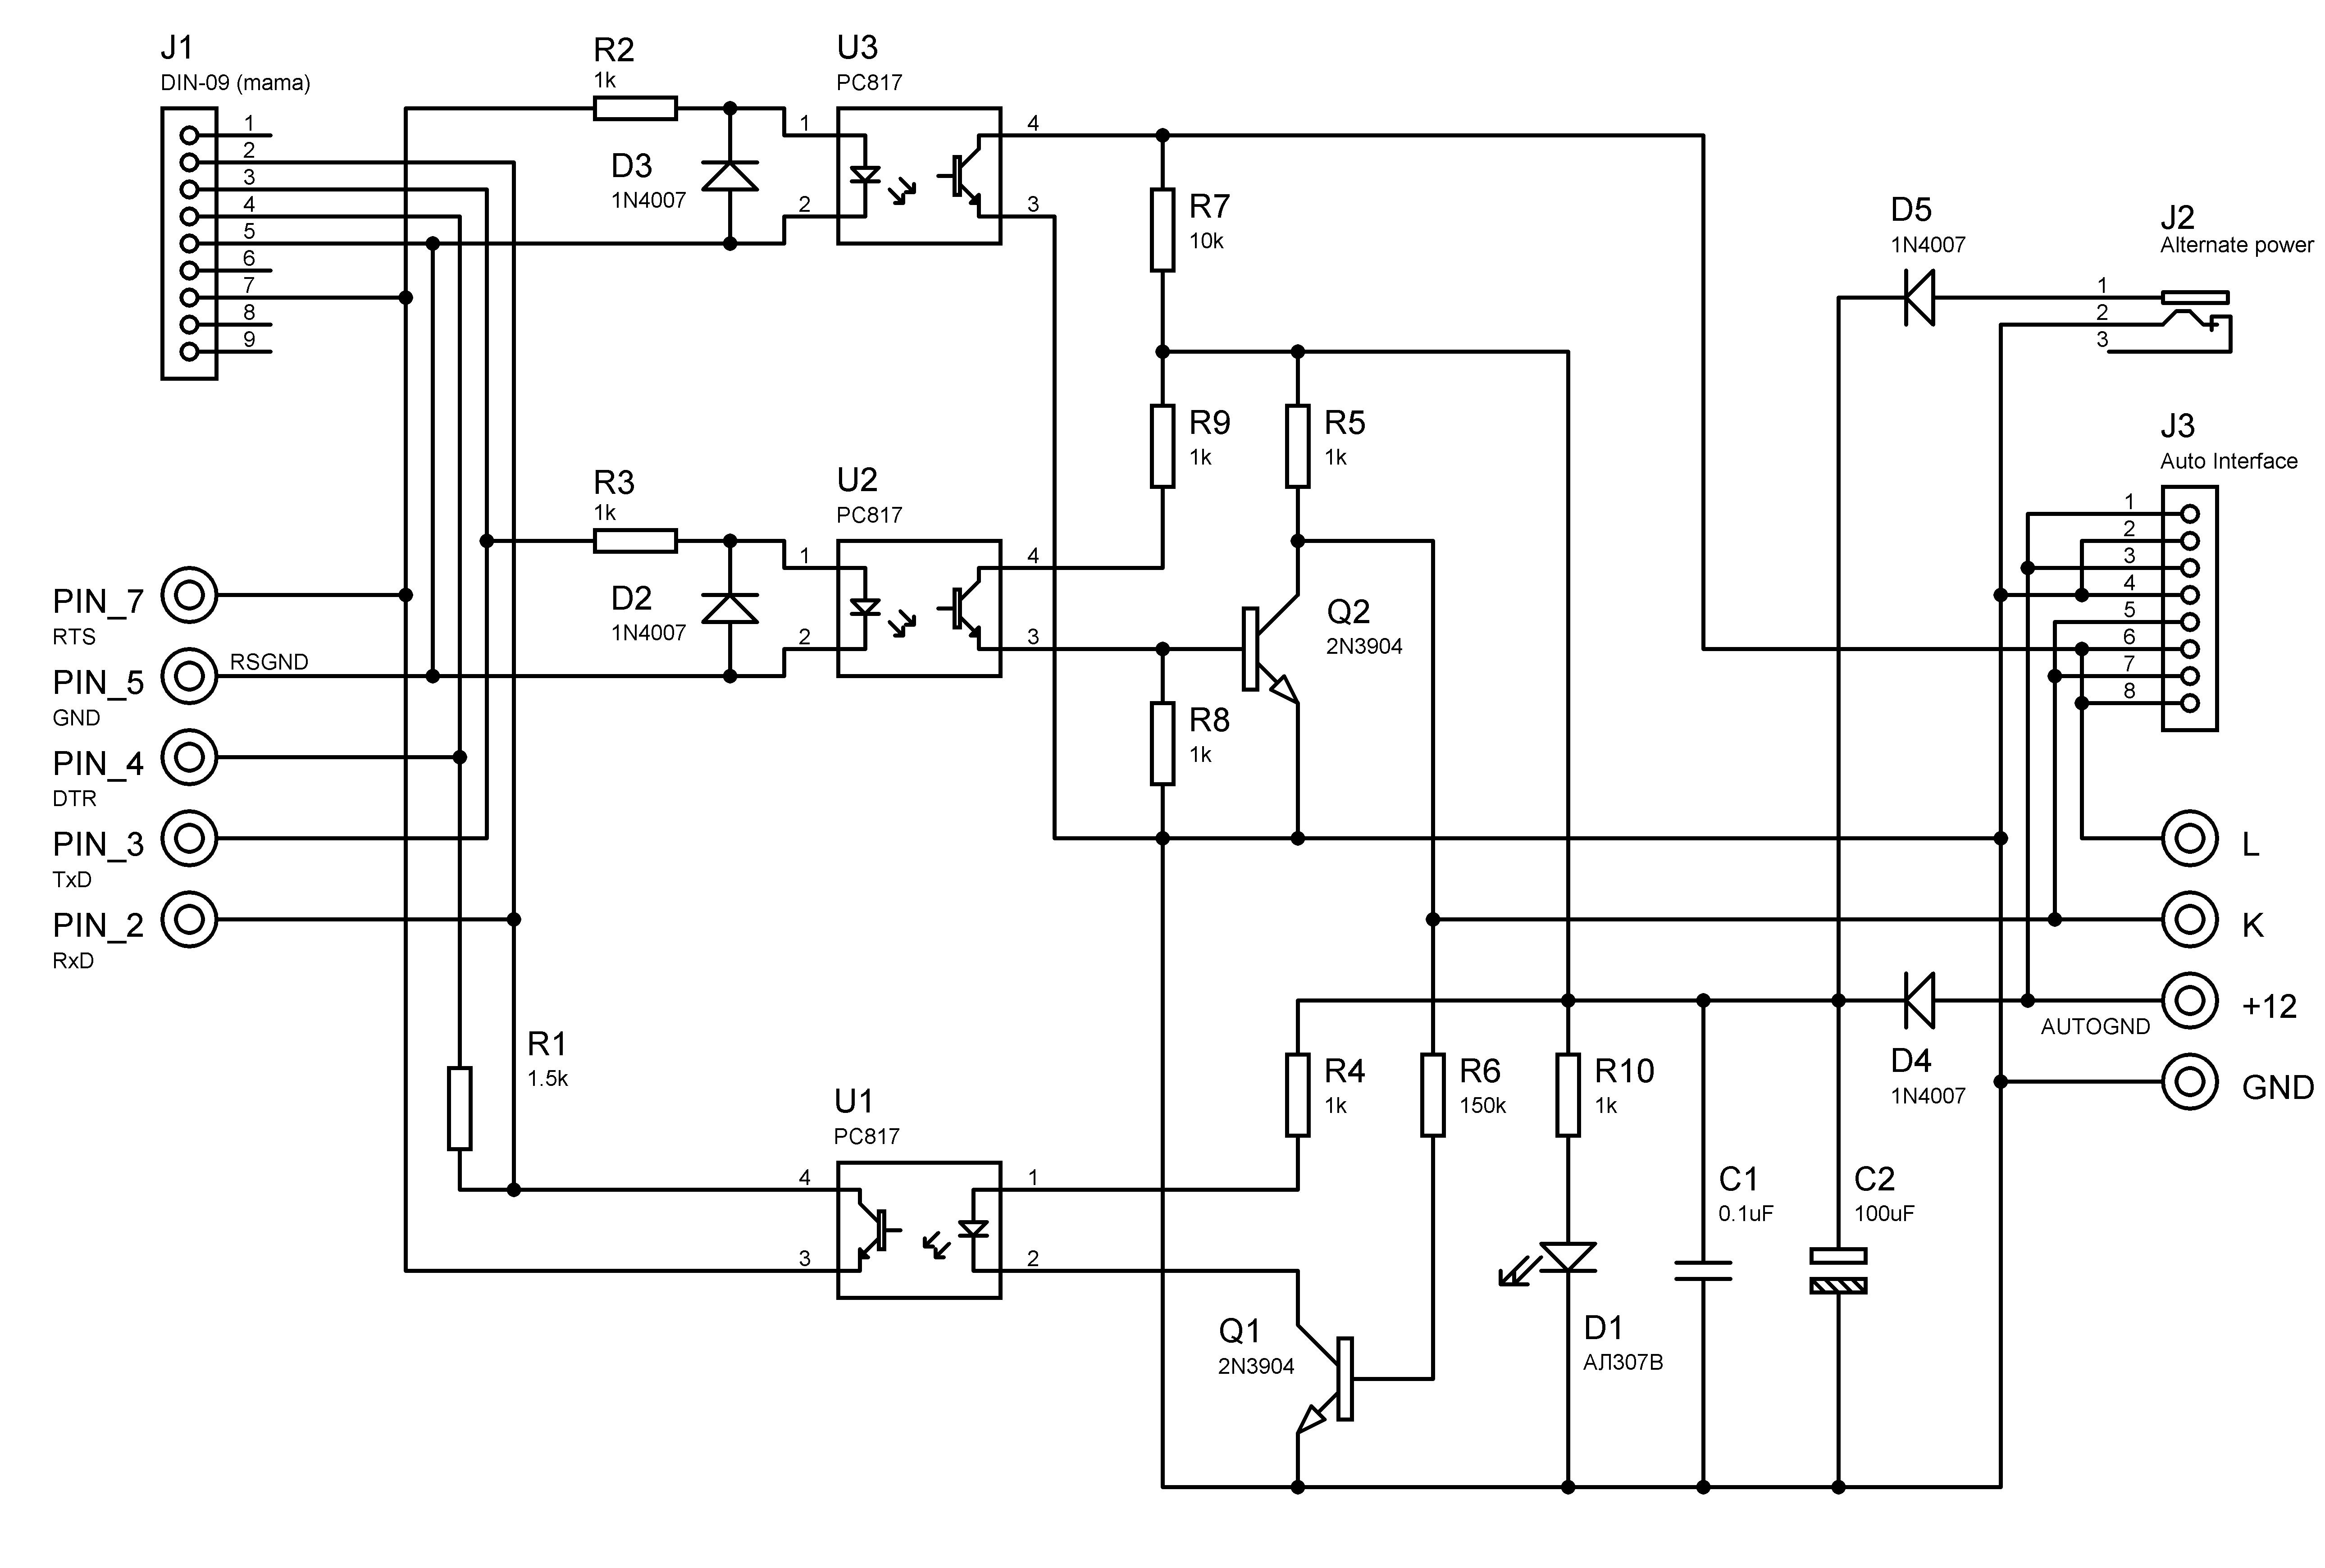 Opel схема диагностика